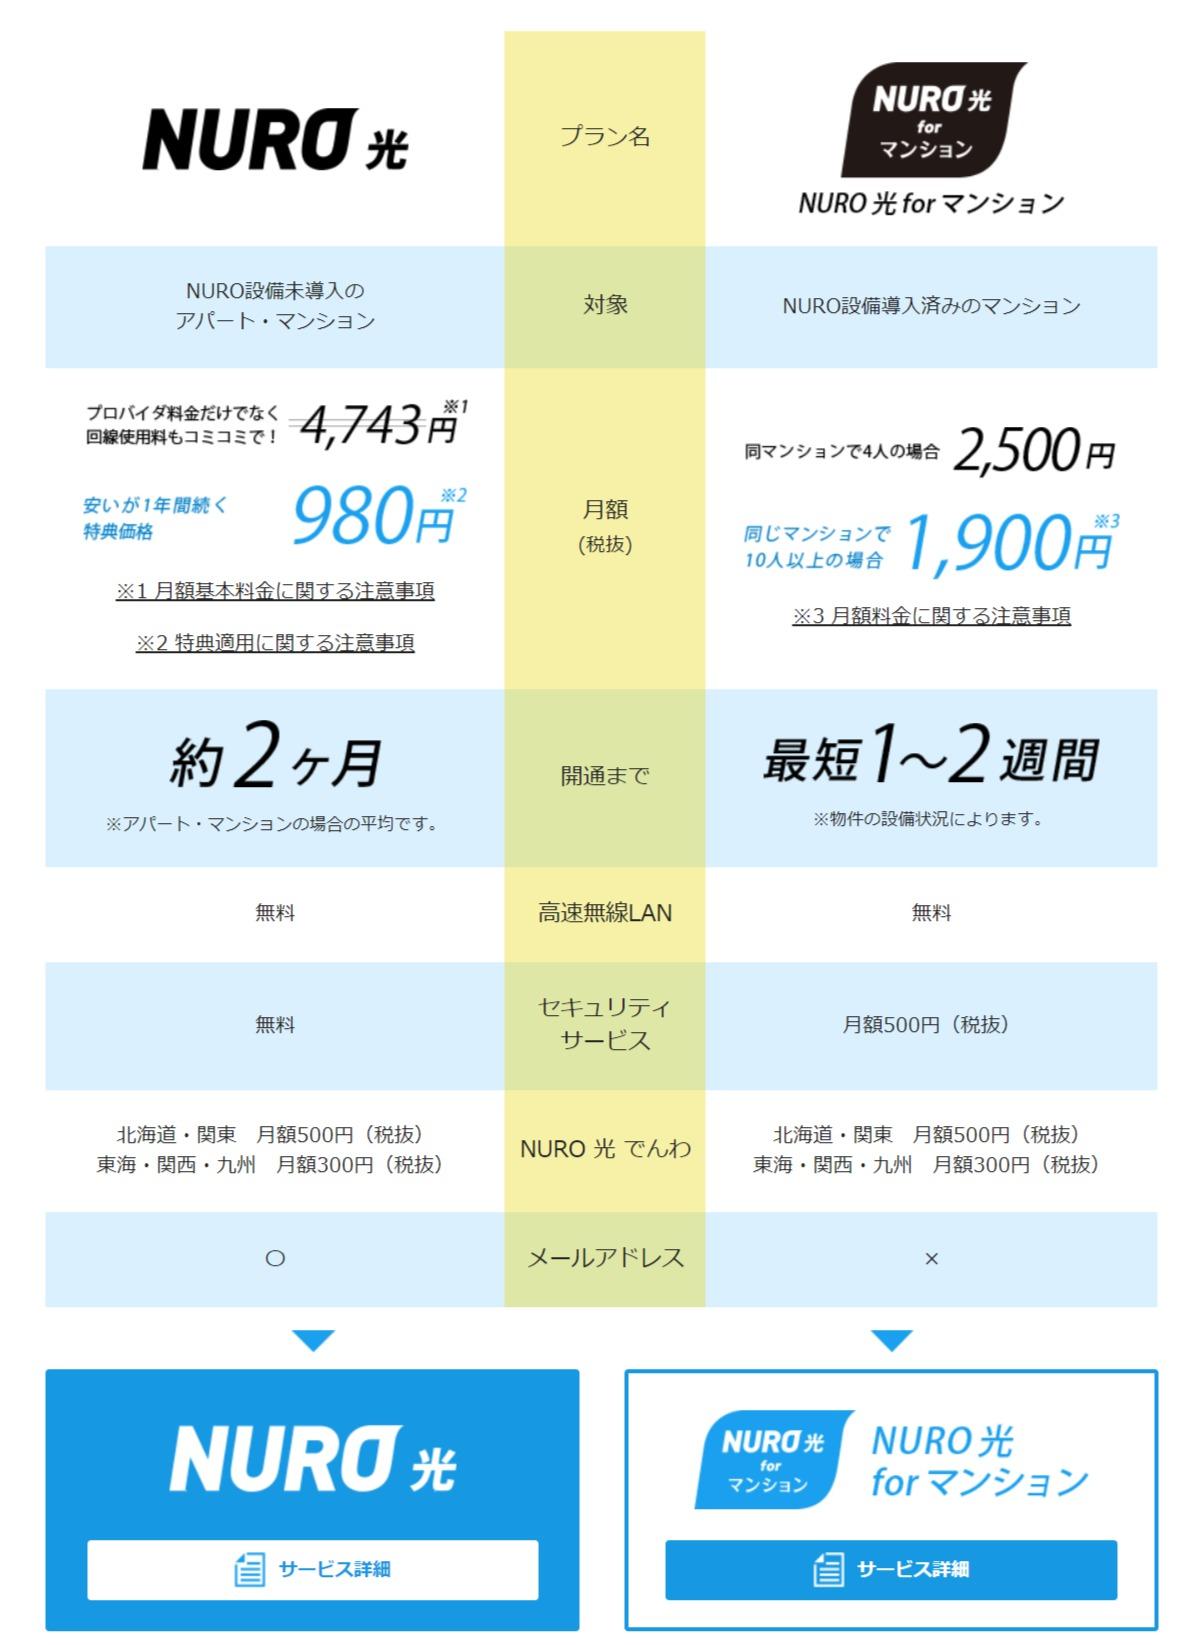 マンションにお住まいの方にふたつのNURO 光 - NURO - www.nuro.jp